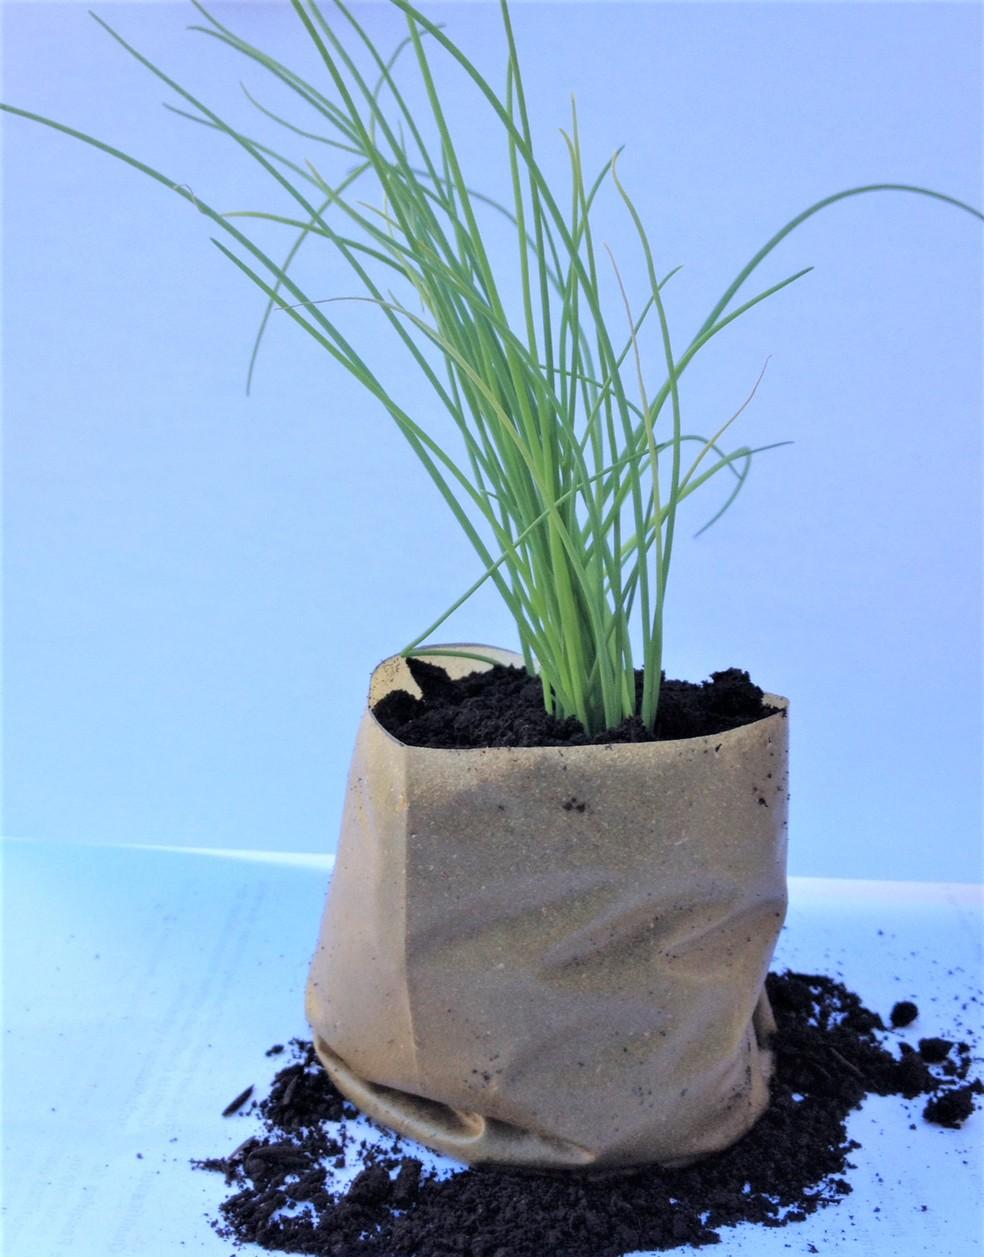 Embalagem criada com a casca do maracujá pode ser plantada com a muda e se decompõe rapidamente. — Foto: Arquivo pessoal